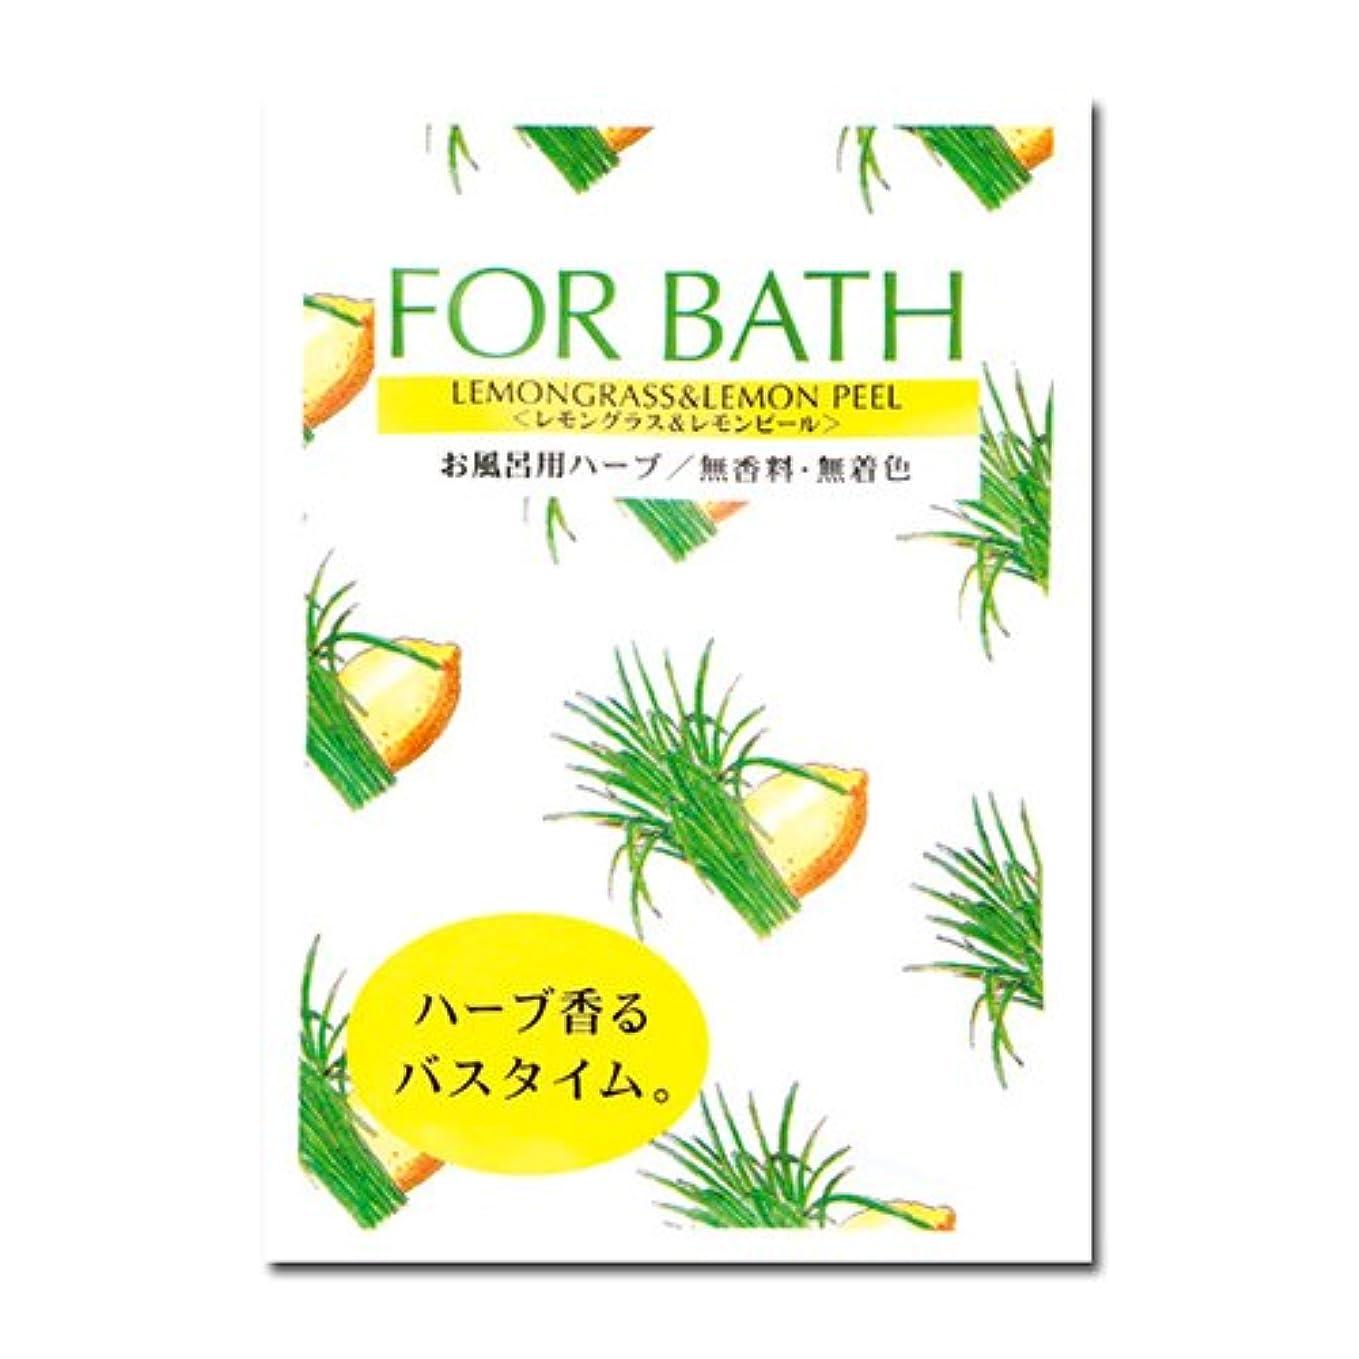 貫通定規インチフォアバス レモングラス&レモンピールx30袋[フォアバス/入浴剤/ハーブ]